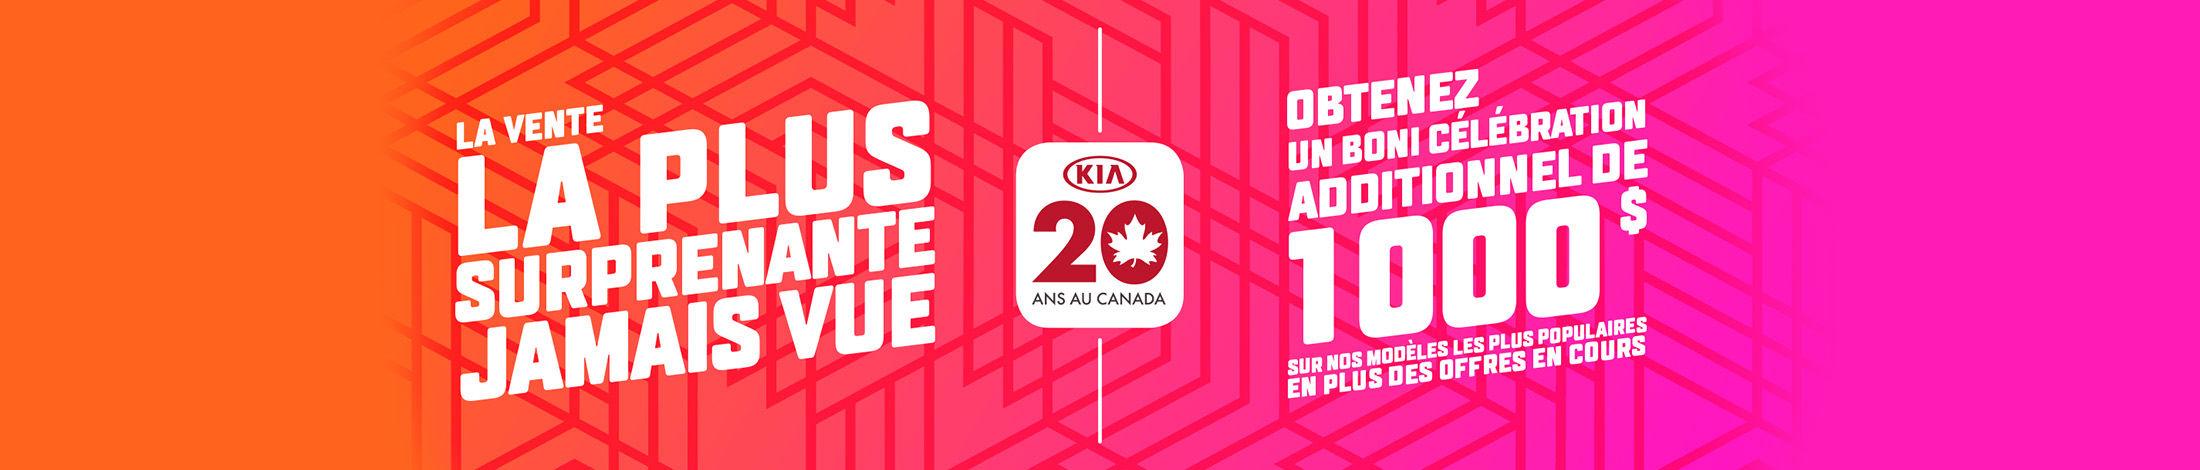 La vente la plus surprenante jamais vue Kia